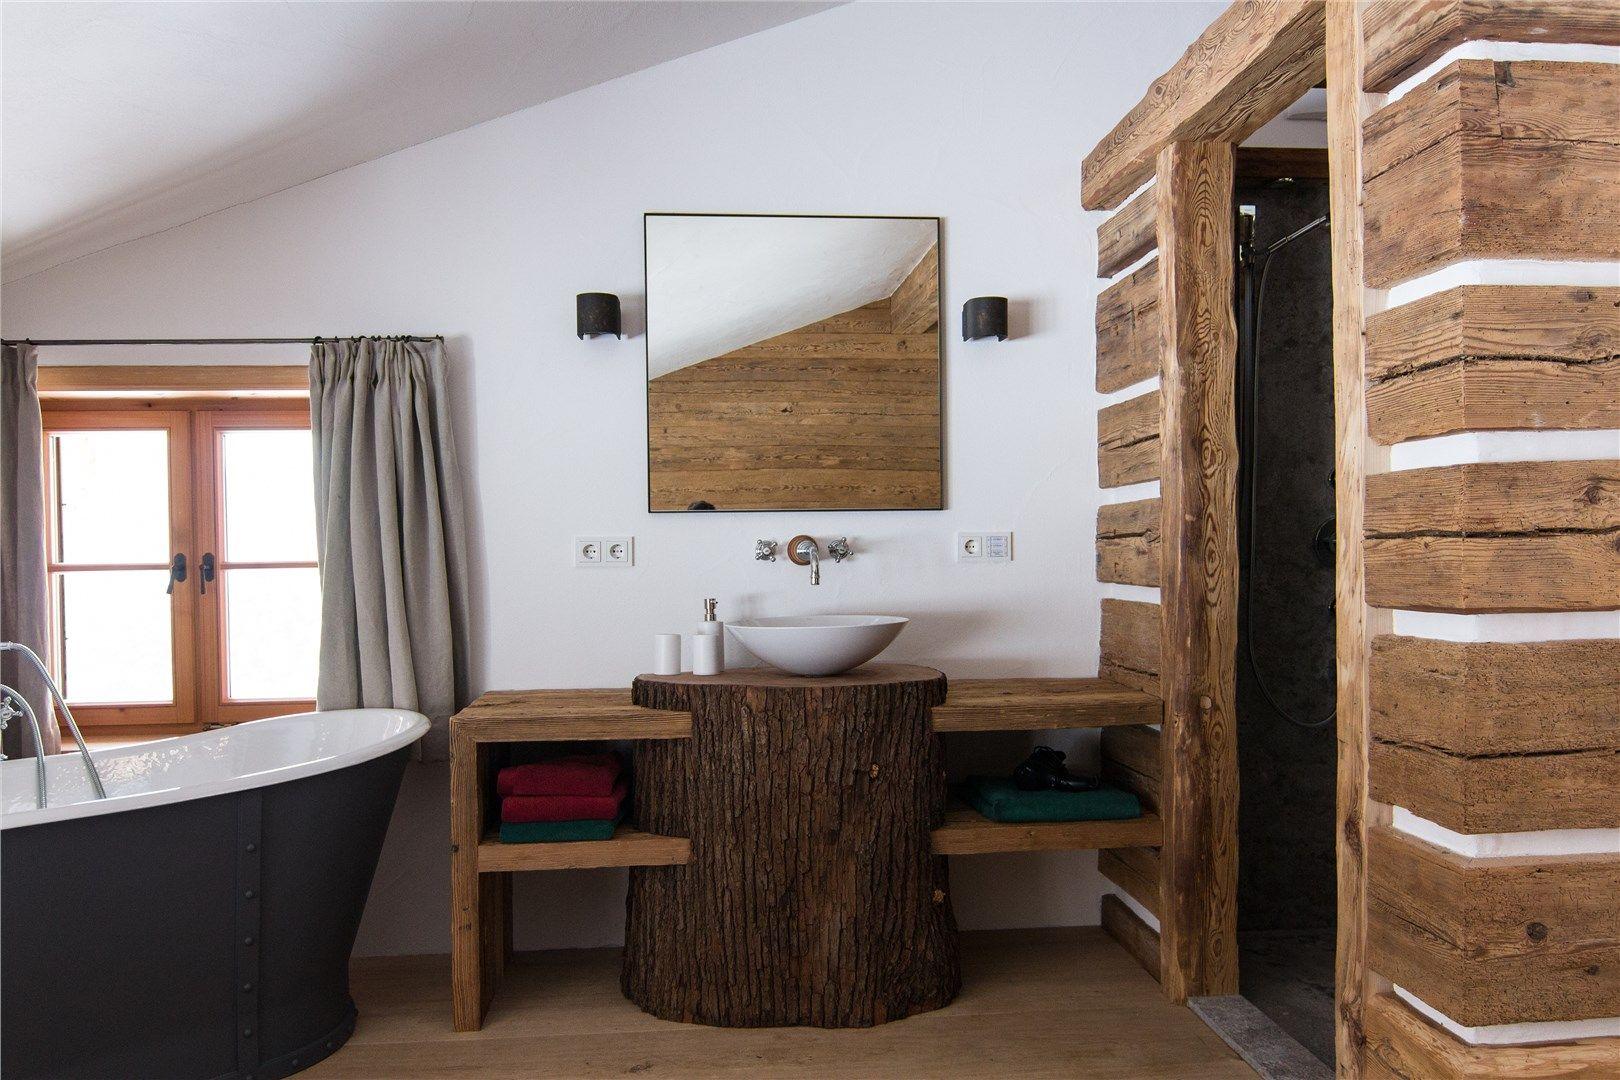 Freistehende badewanne grundriss  Freistehende Badewanne mit Baumstamm als Waschtisch | bad ...